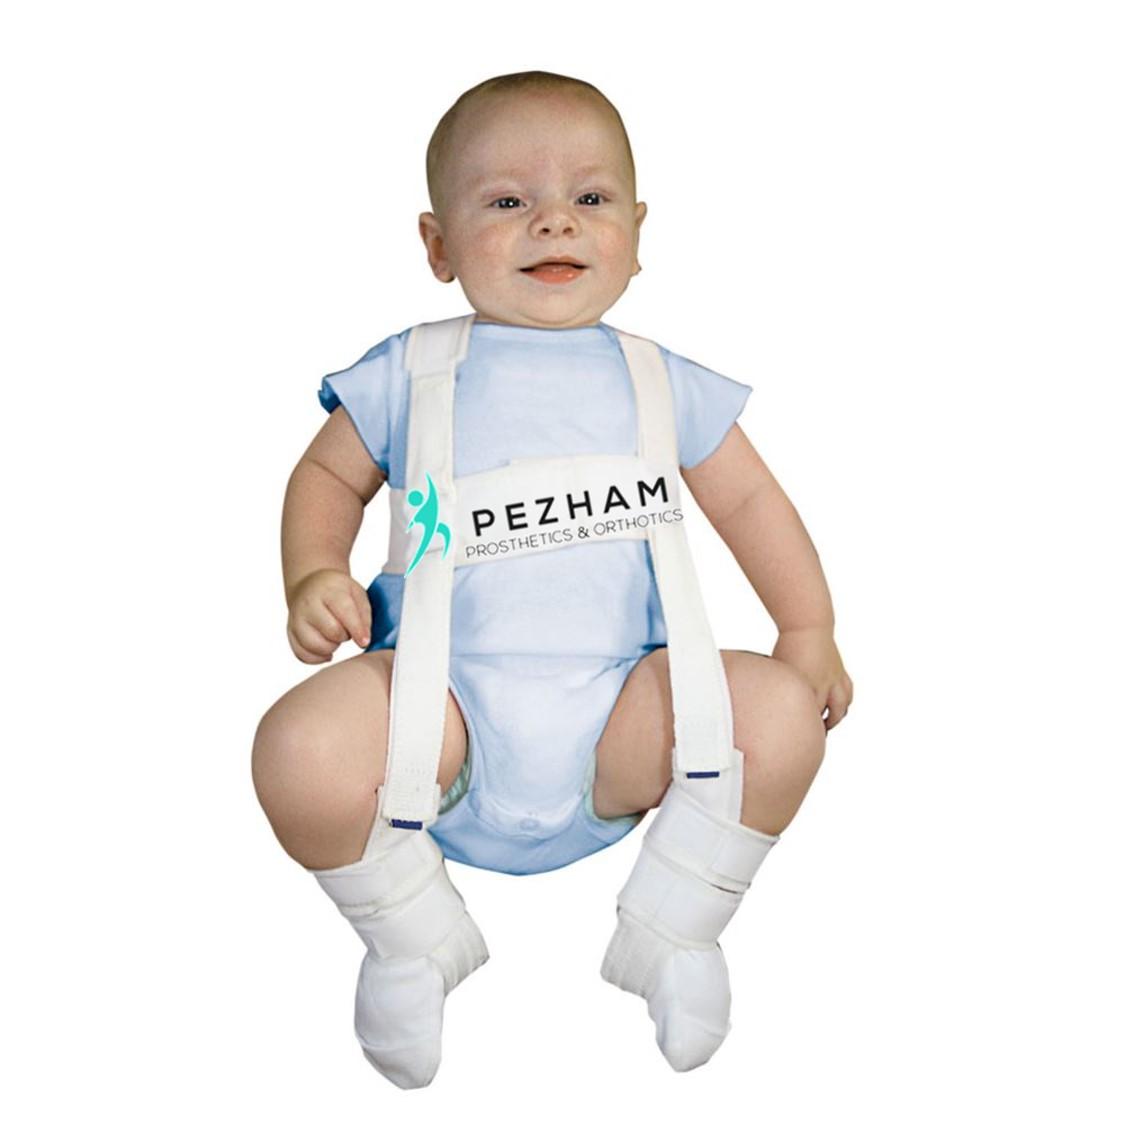 کمربند مخصوص دررفتگی مادرزادی لگن در نوزادان